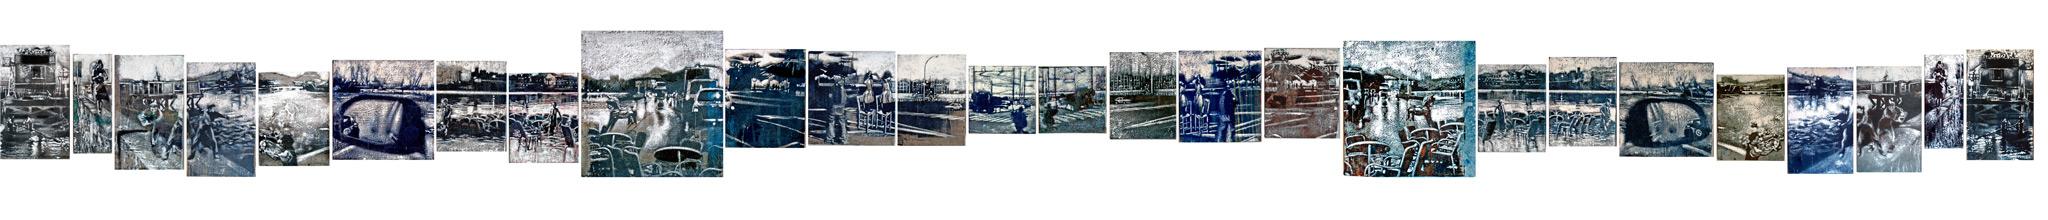 Secuencia imaginada. Nivel 1, 2004, témppera sobre tela serigrafiada, medidas totales: 24 x 353,9 cm